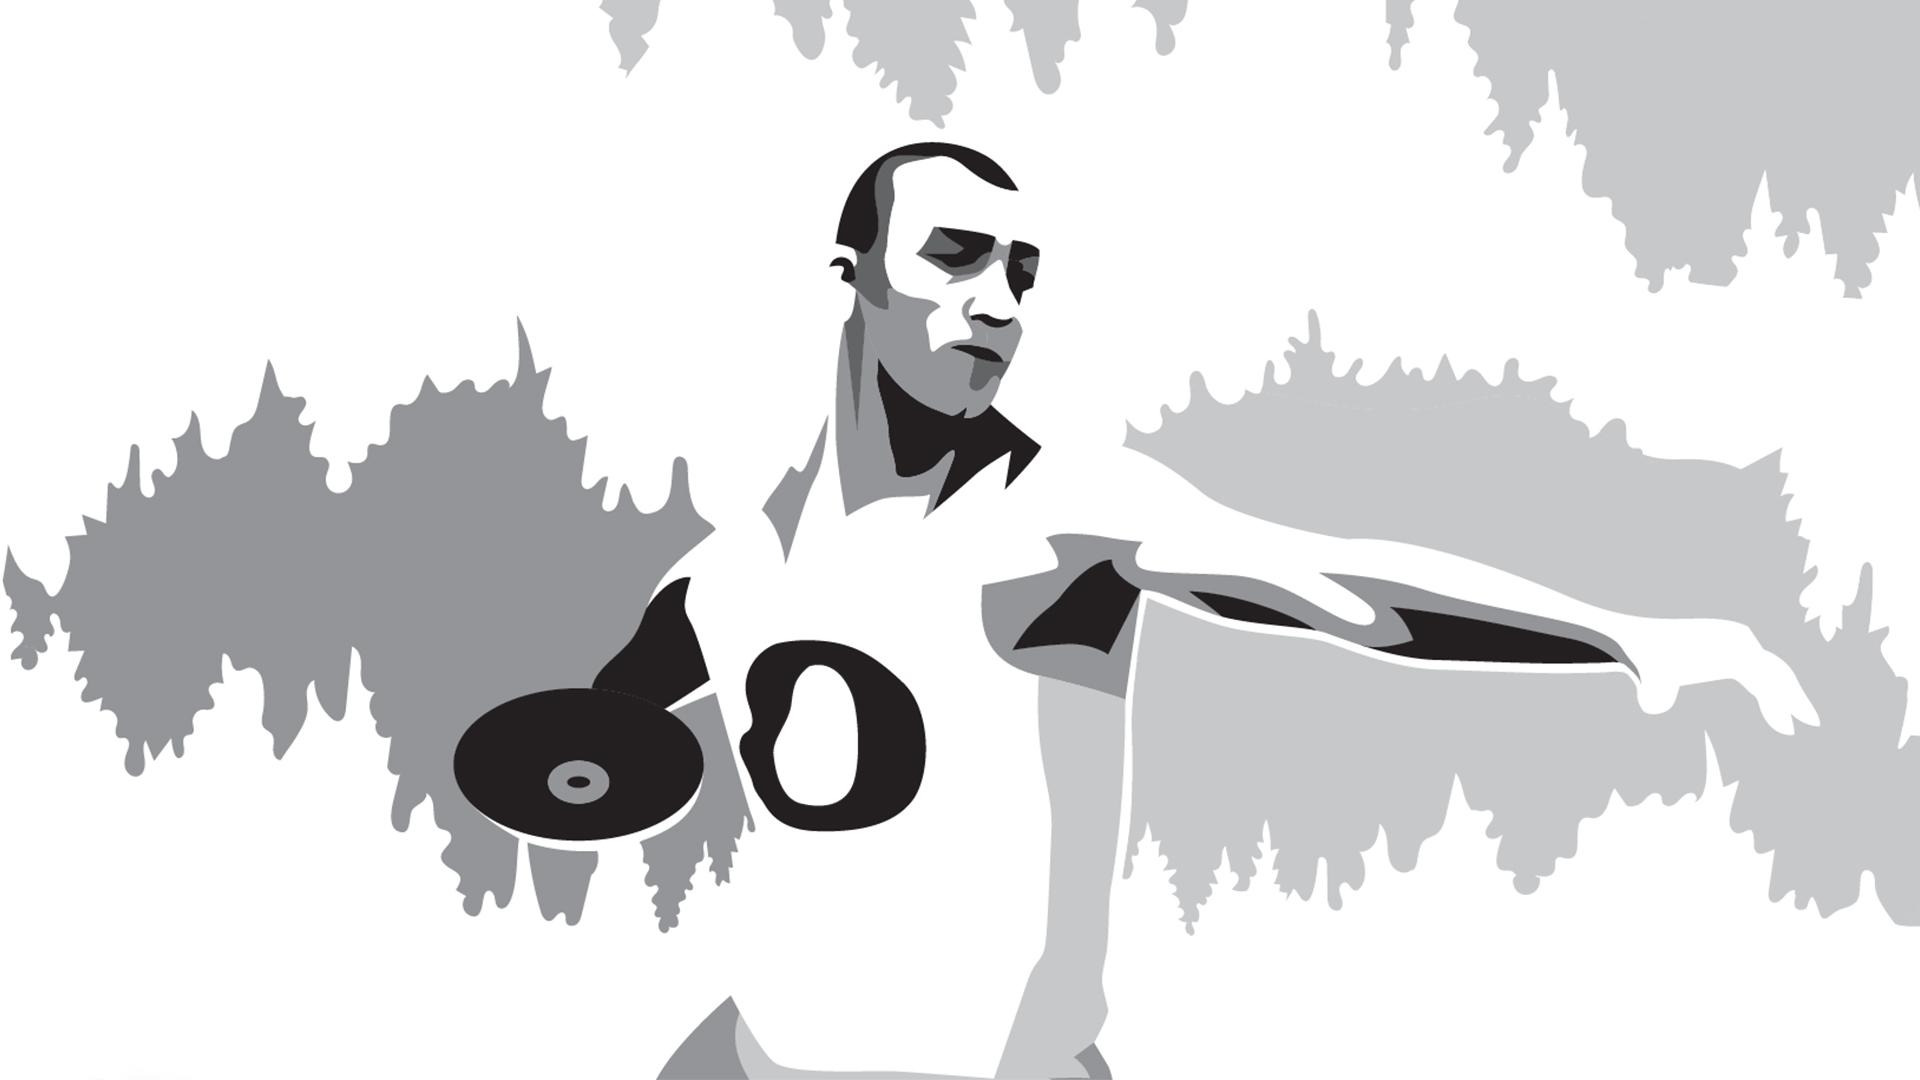 Ashton Eaton illustration